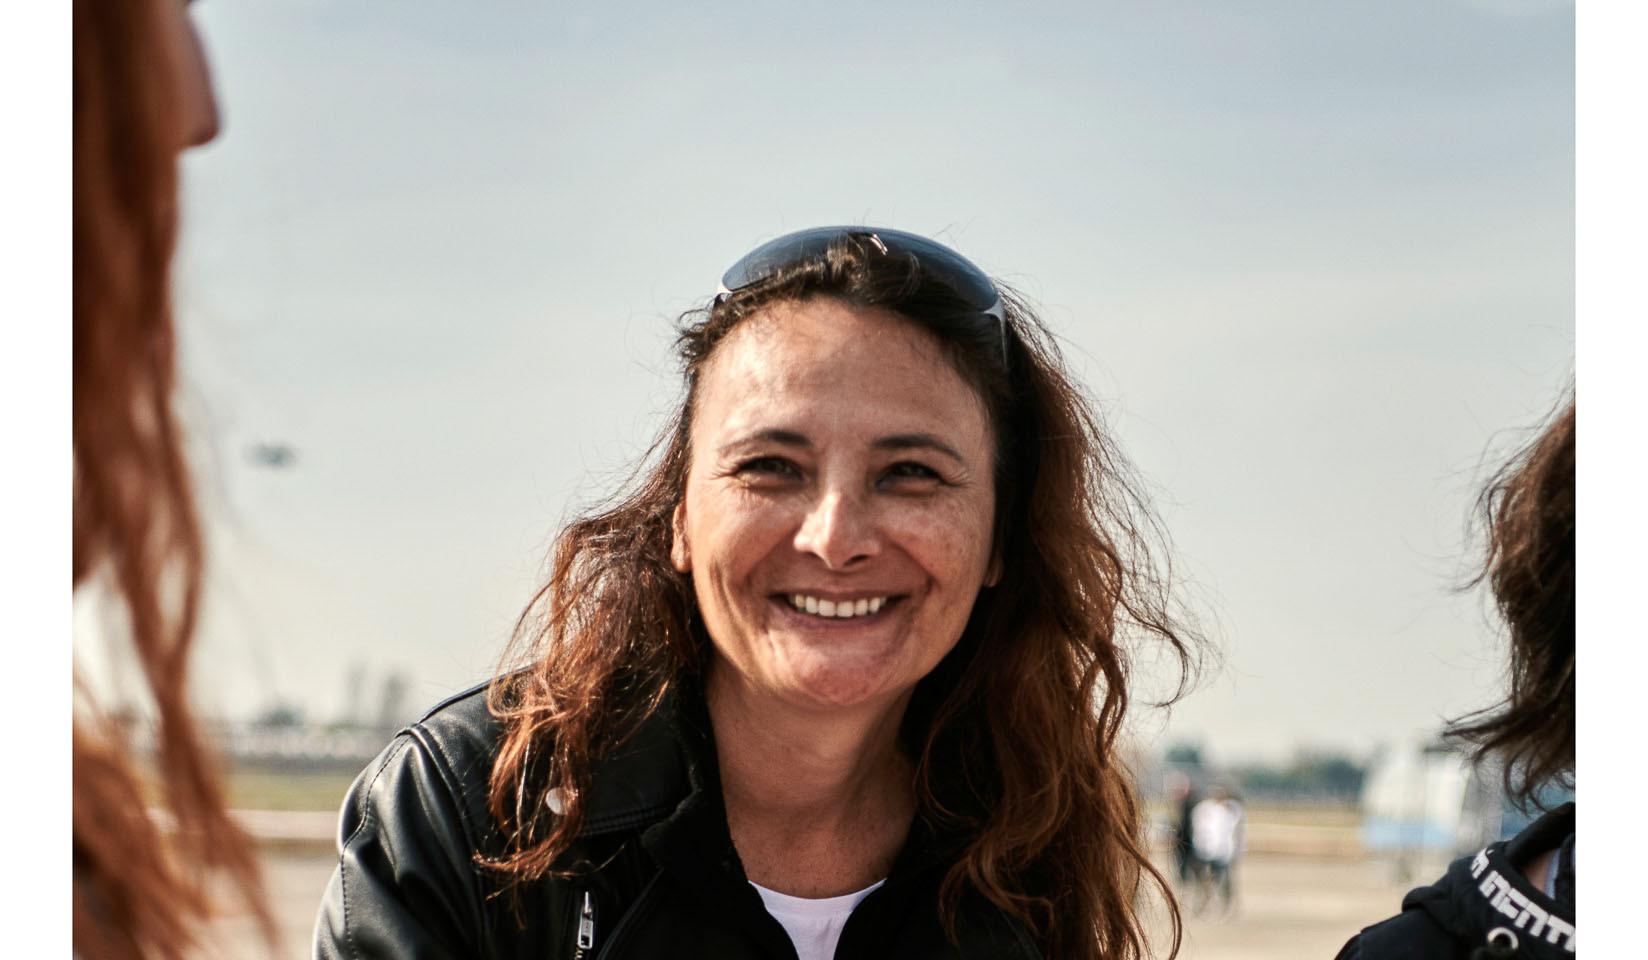 WMB Chiara Ludovica Quadrelli ++ - 34.jpg